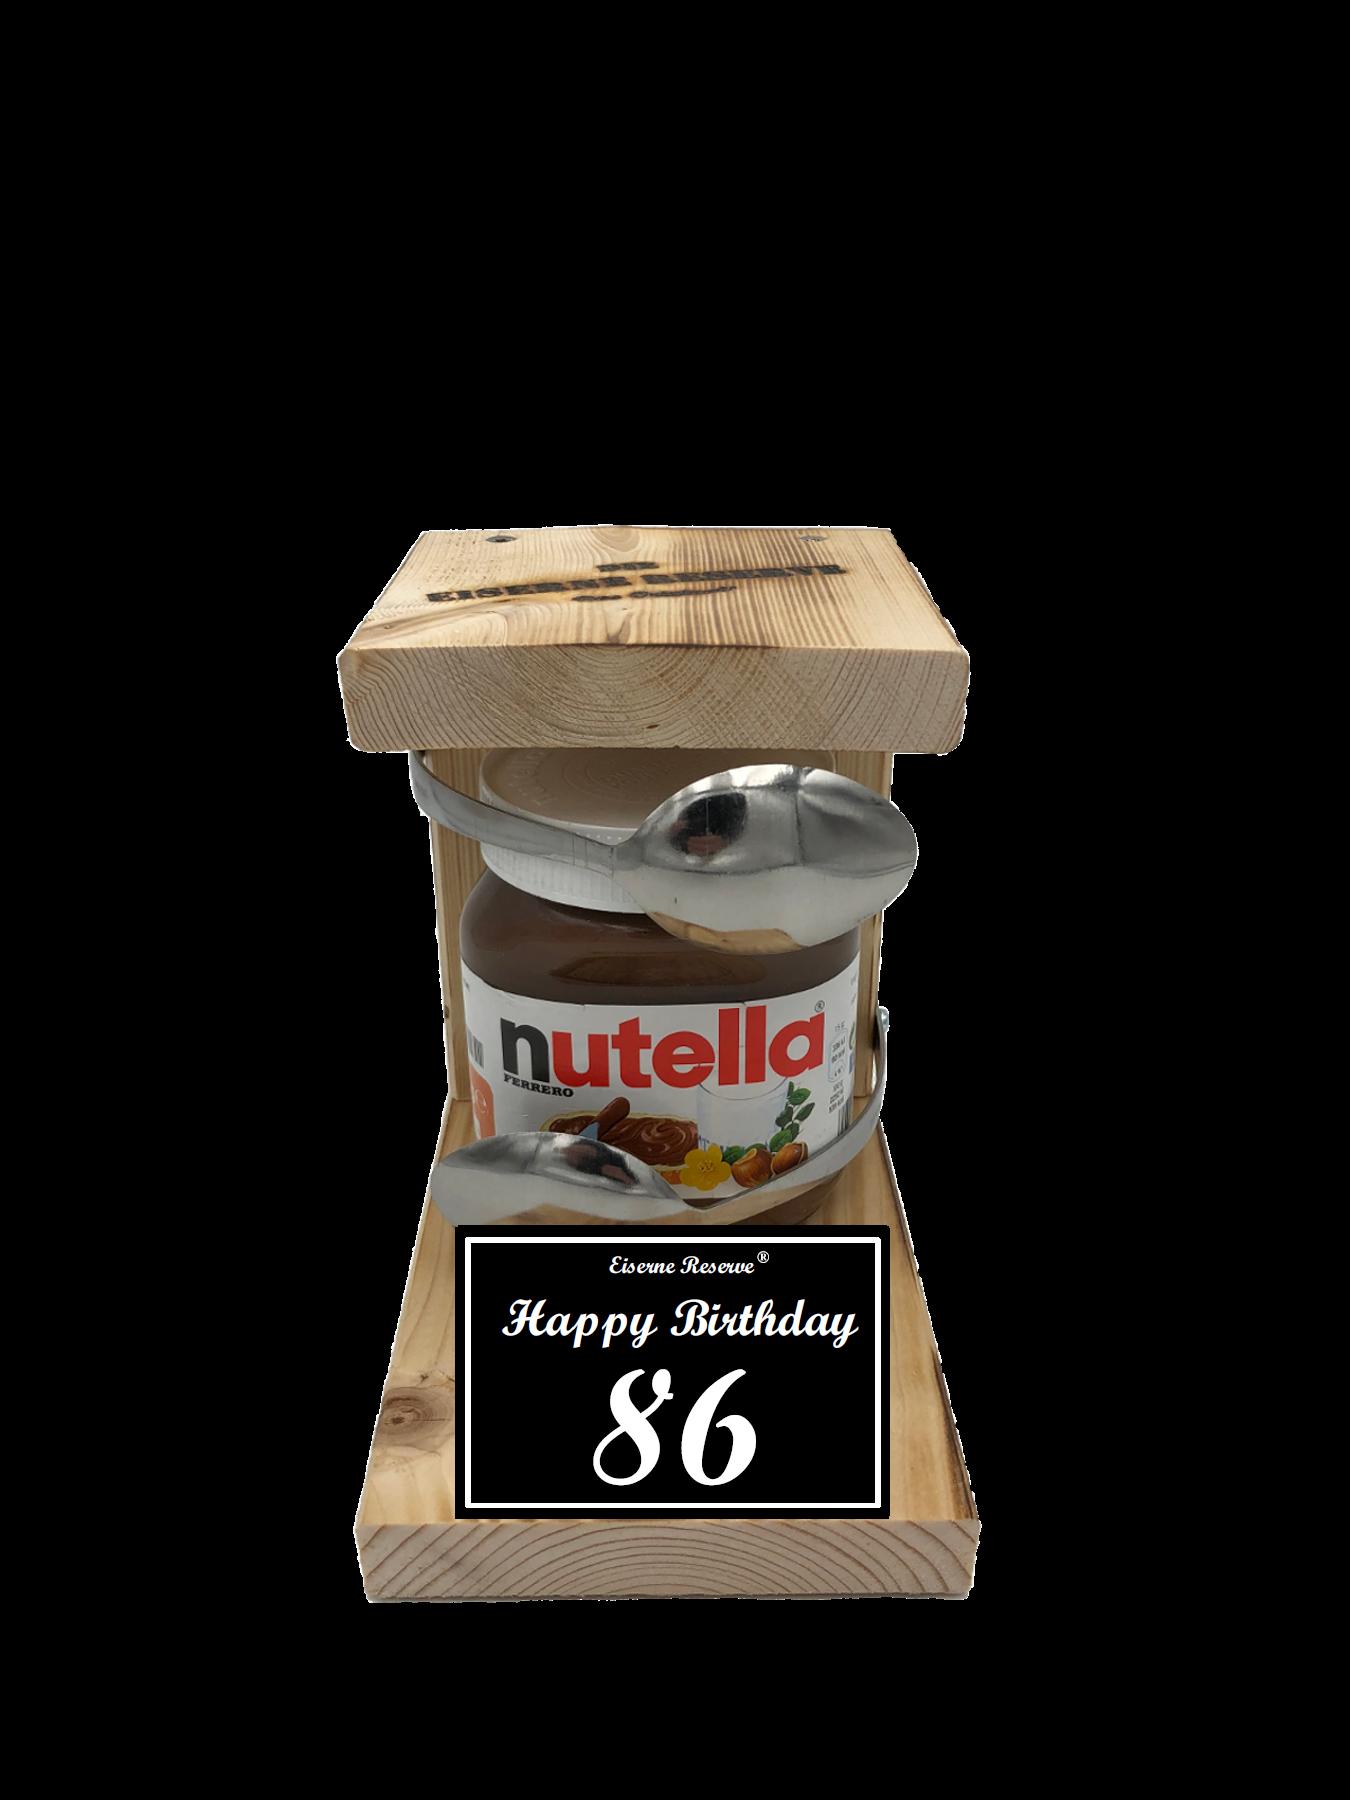 86 Happy Birthday Löffel Nutella Geschenk - Die Nutella Geschenkidee